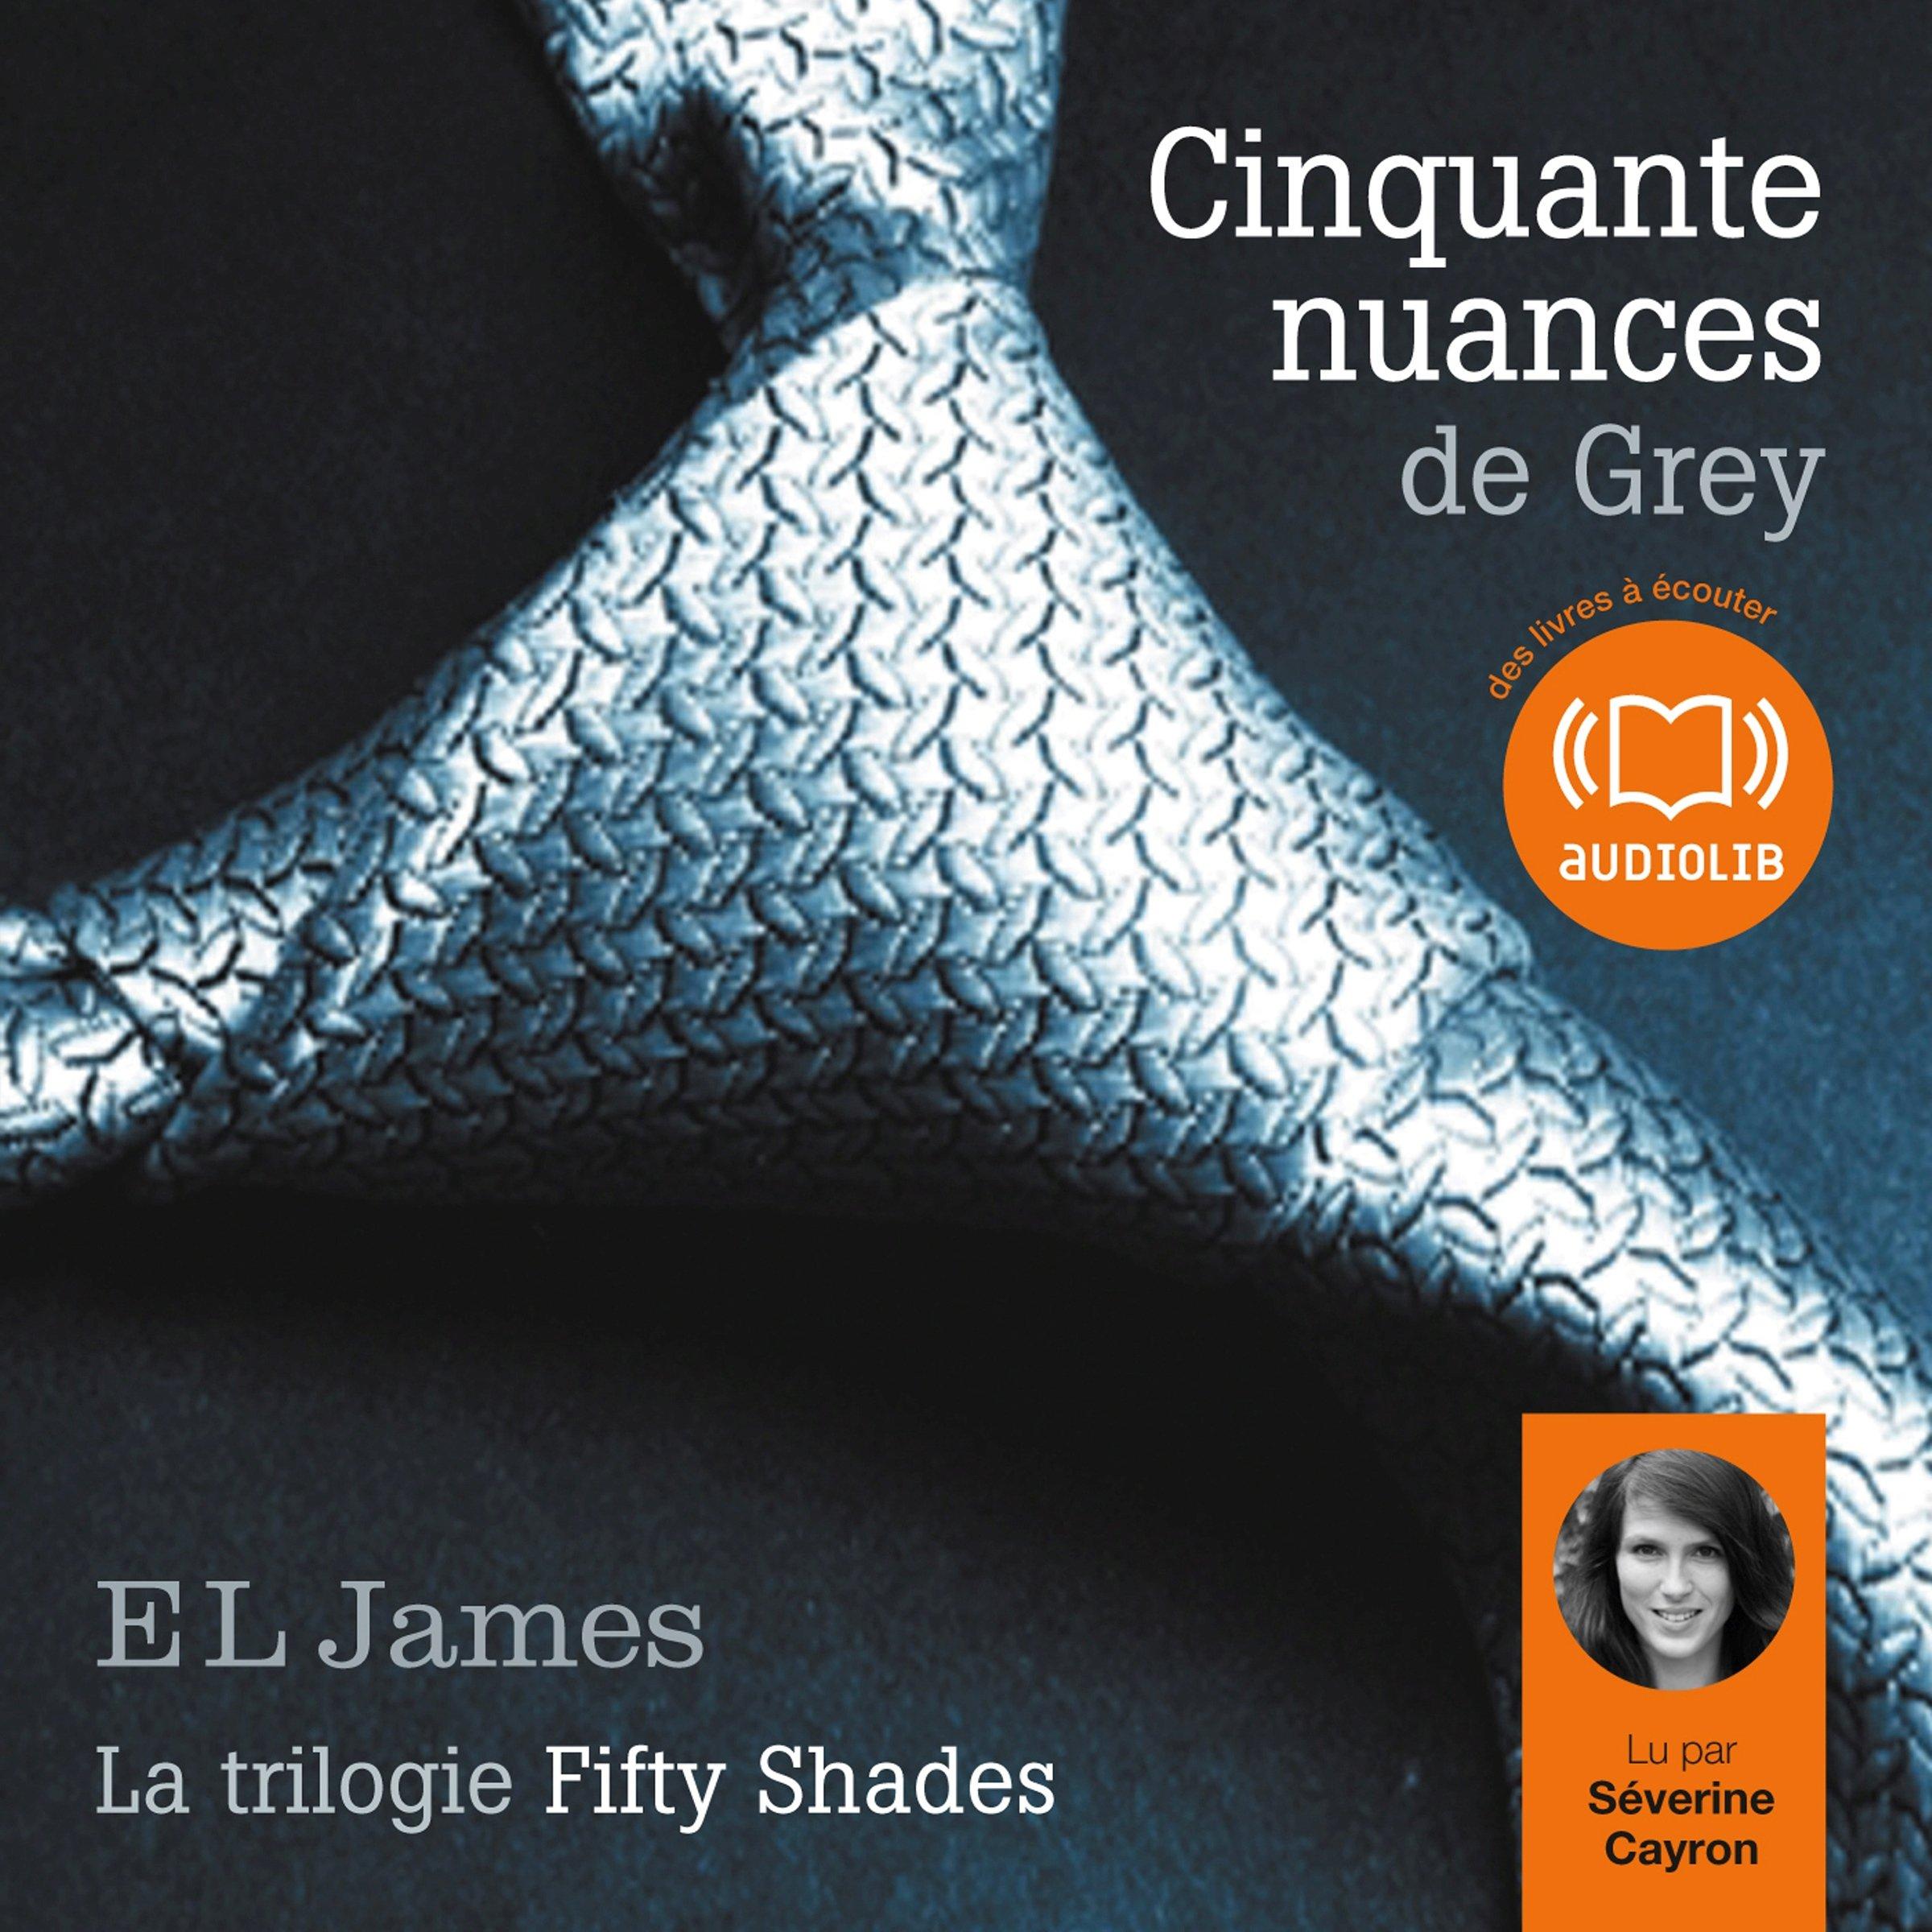 Extrait audio Extrait audio Cinquante nuances de Grey: Trilogie Fifty Shades 1, E. L. James